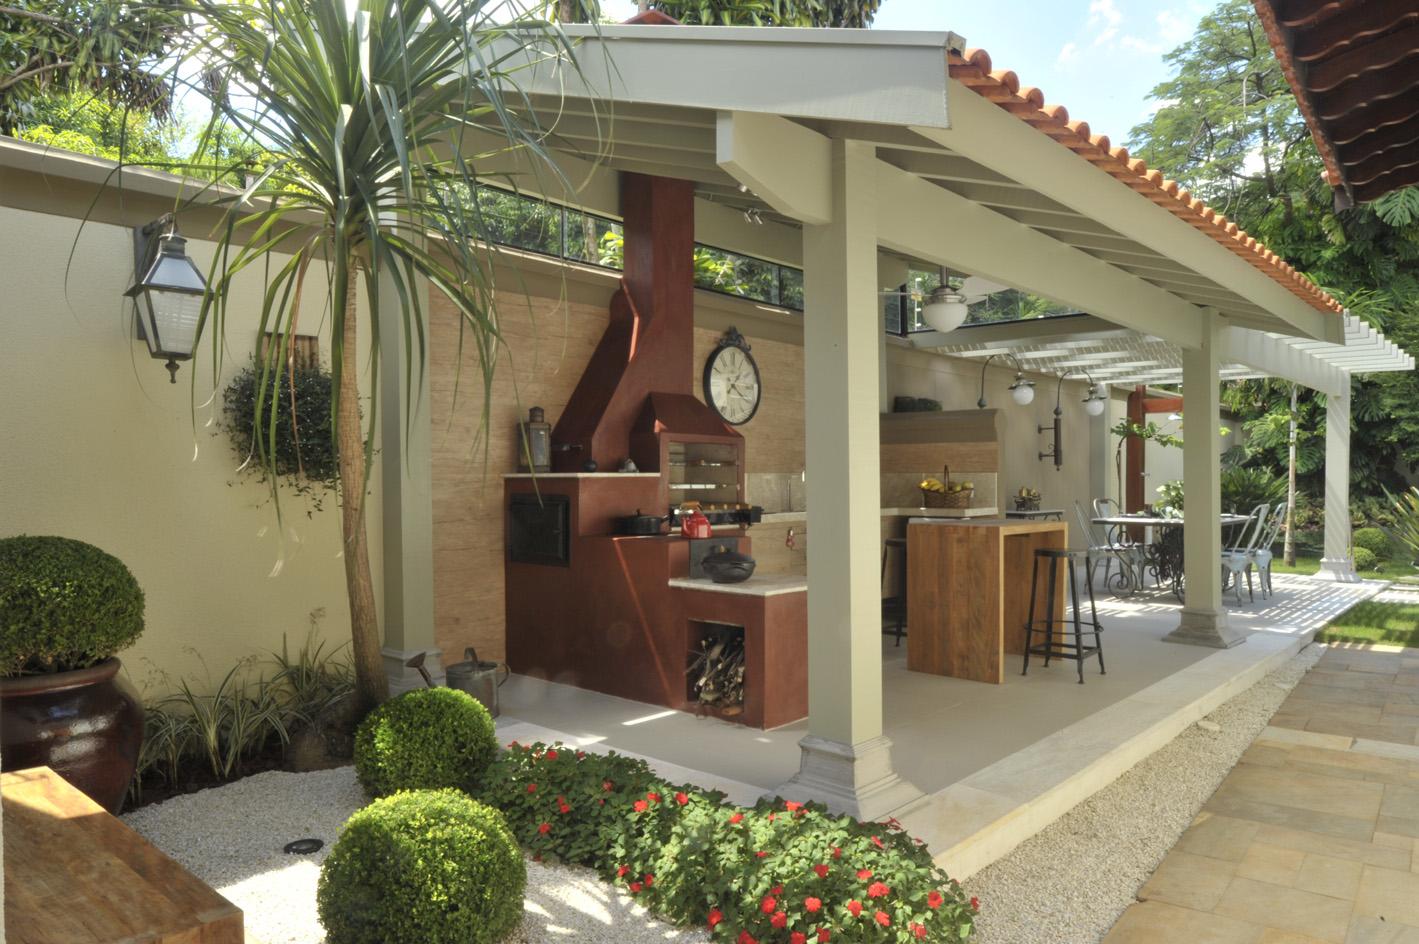 #654833 Blog da Ayda: Uma boa ideia de cozinha gourmet 1419x944 px Projetos De Cozinhas Externas Pequenas #565 imagens